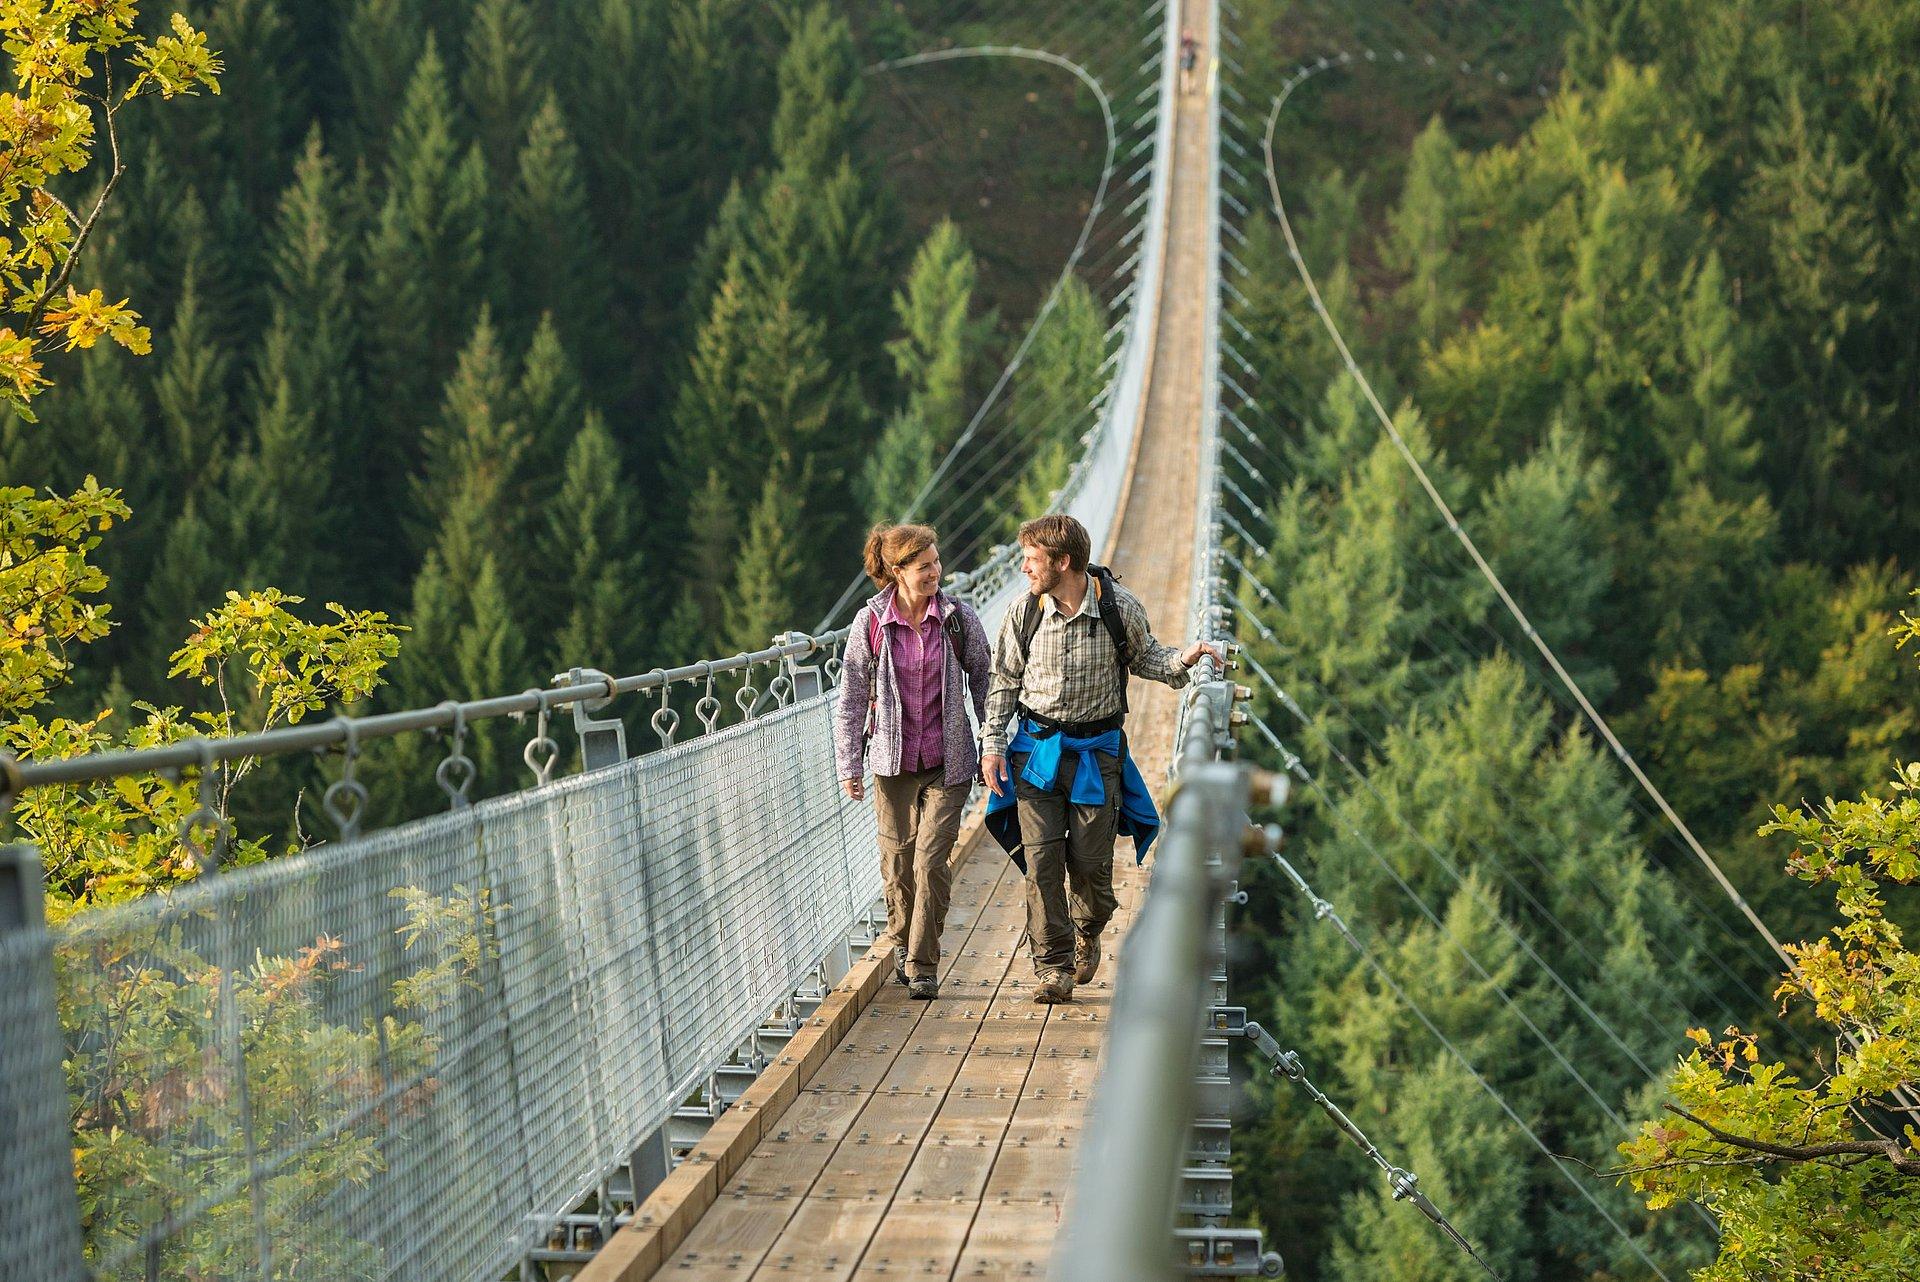 Überqueren der Hängeseilbrücke Geierlay, Hunsrück